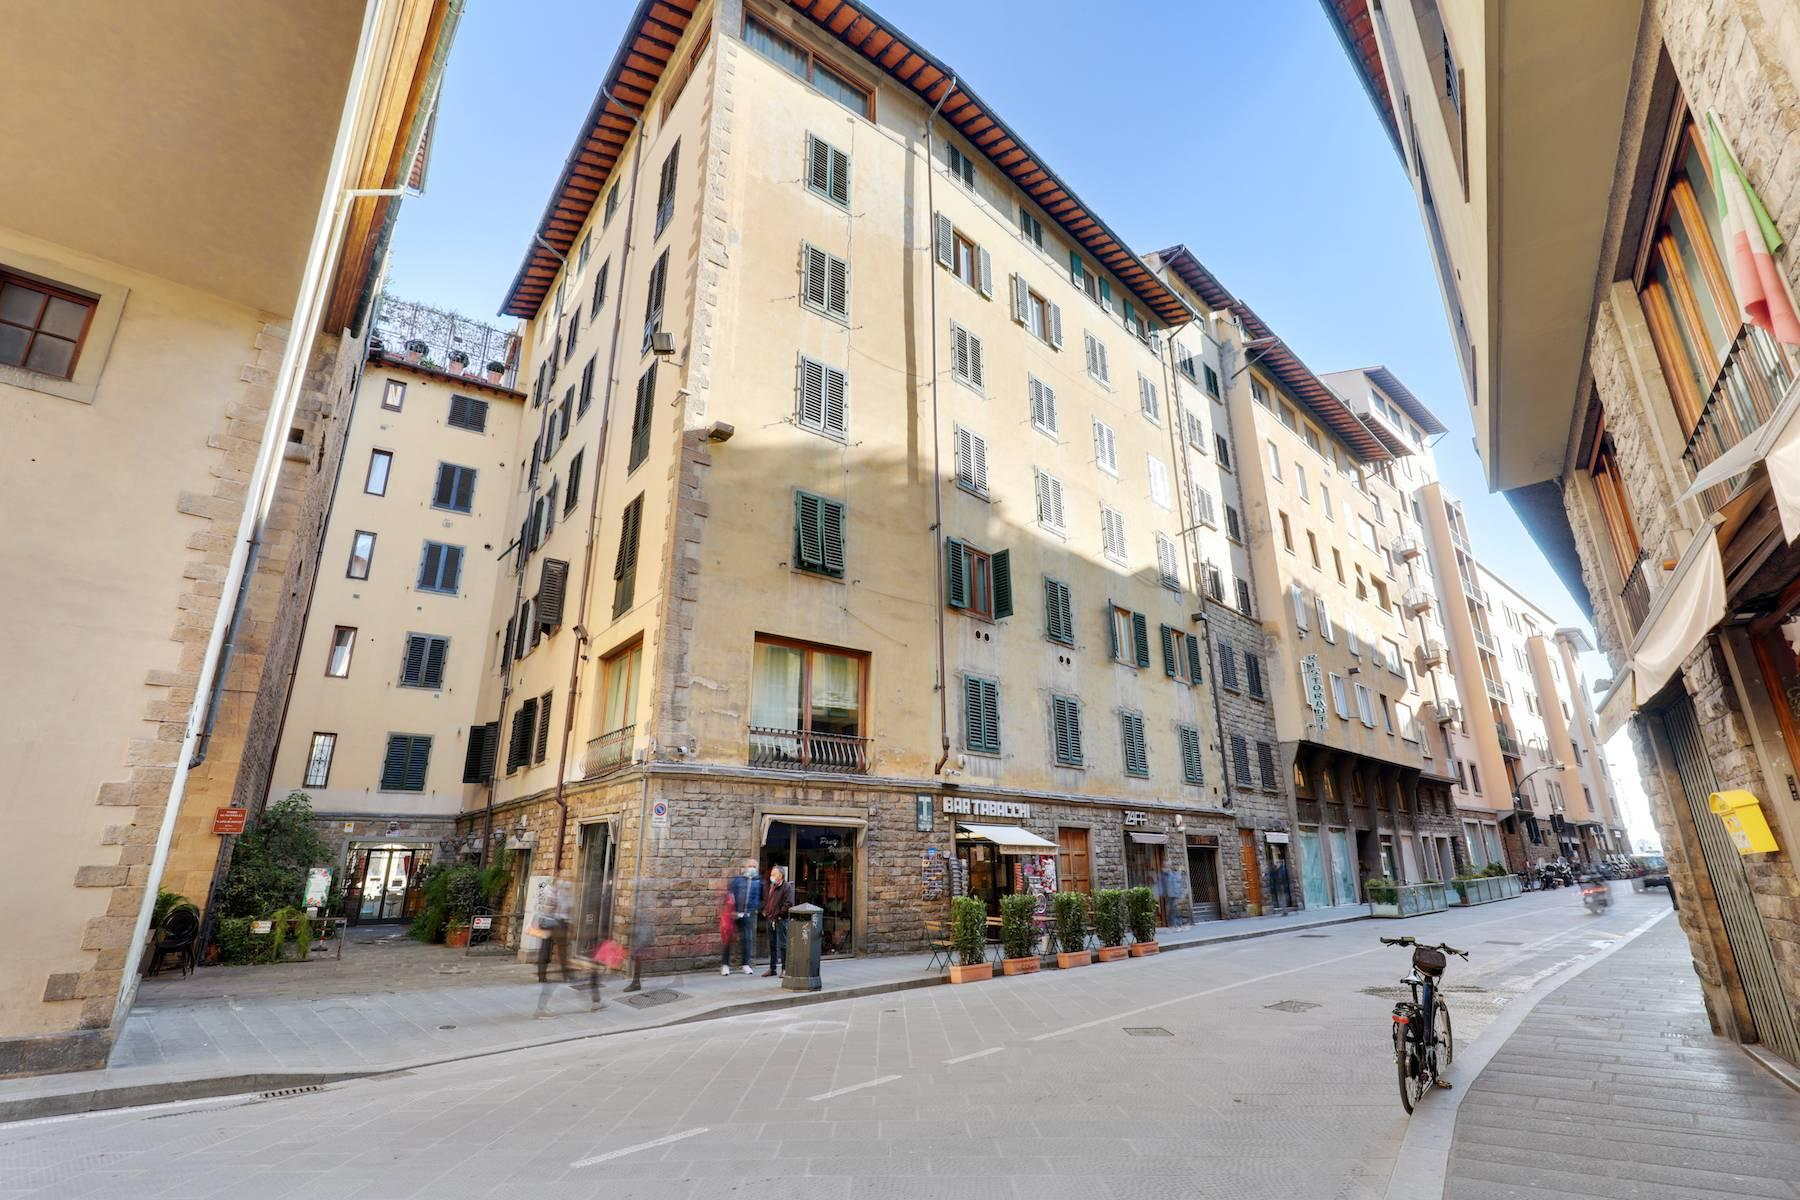 Шикарные апартаменты рядом с Понте Веккьо - 20